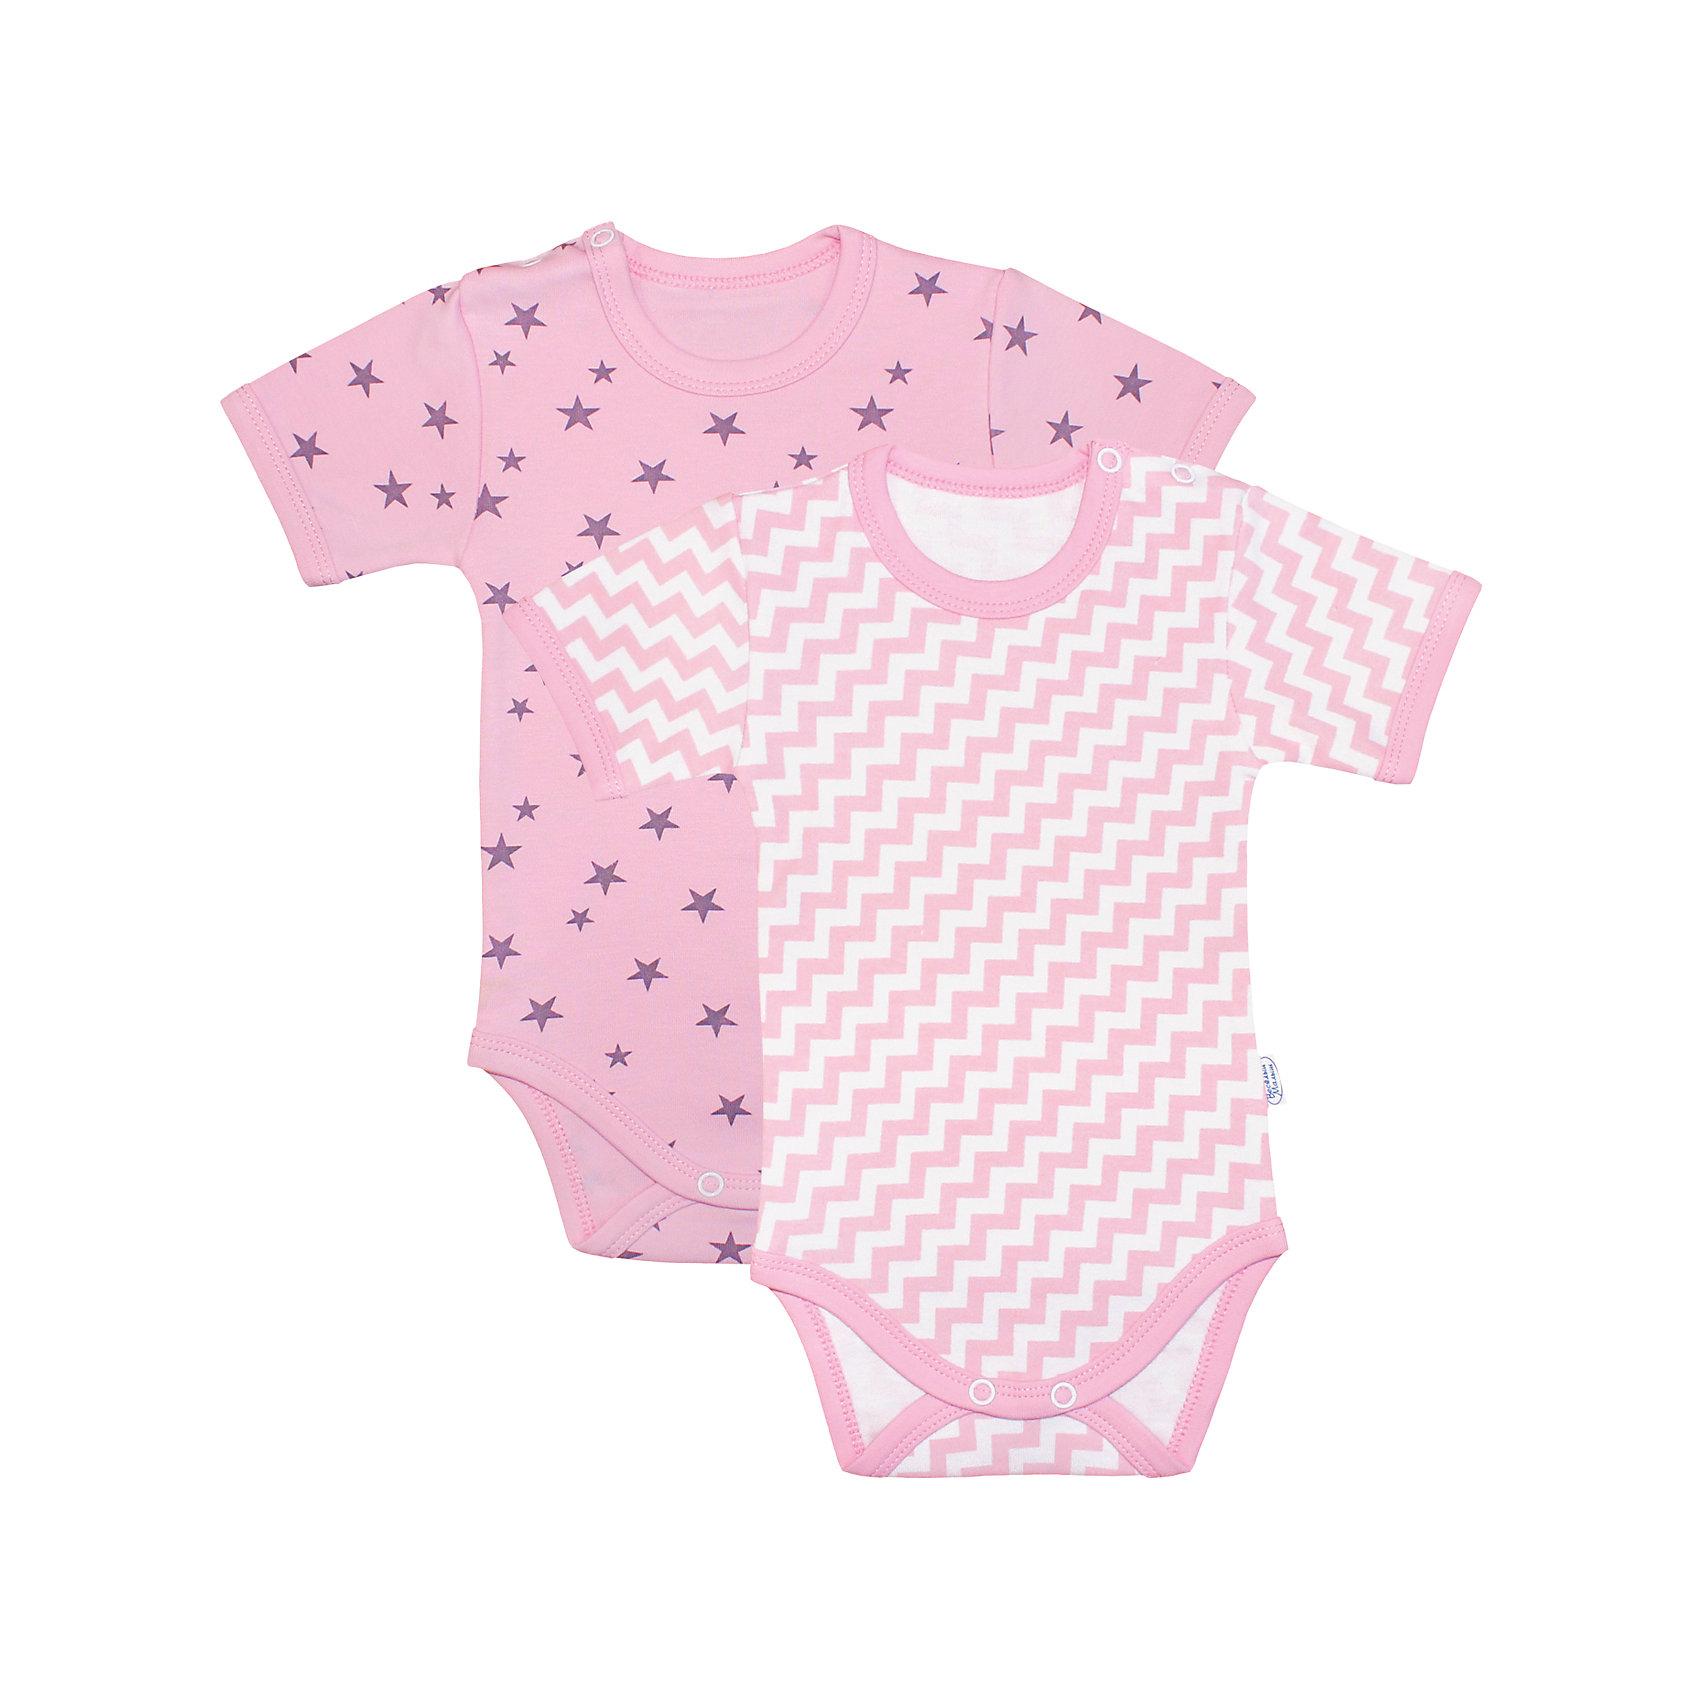 Боди для девочки, 2 шт. Веселый малышБоди<br>Одежда для малышей должна быть удобной и качественной - это один из необходимых факторов для правильного развития и хорошего самочувствия ребенка.<br>Эти боди отличаются высоким качеством швов, окантовкой краёв изделия, что позволяет им хорошо фиксироваться на теле малыша, не сползать и не натирать. Застежки - удобные кнопки, которые не мешают ребенку. Материал - интерлок. Это плотная ткань из натурального хлопка, гладкая, приятная на ощупь, дышащая и гипоаллергенная. Расцветка изделий позволяет легко комбинировать их с различной одеждой. В наборе - два боди разных цветов.<br><br>Дополнительная информация:<br><br>материал: 100% хлопок интерлок;<br>застежки: кнопки;<br>короткий рукав;<br>комплектация: 2 боди.<br><br>Комплект боди от бренда Веселый малыш можно купить в нашем магазине.<br><br>Ширина мм: 157<br>Глубина мм: 13<br>Высота мм: 119<br>Вес г: 200<br>Цвет: розовый<br>Возраст от месяцев: 2<br>Возраст до месяцев: 5<br>Пол: Женский<br>Возраст: Детский<br>Размер: 62,68,80<br>SKU: 4810196